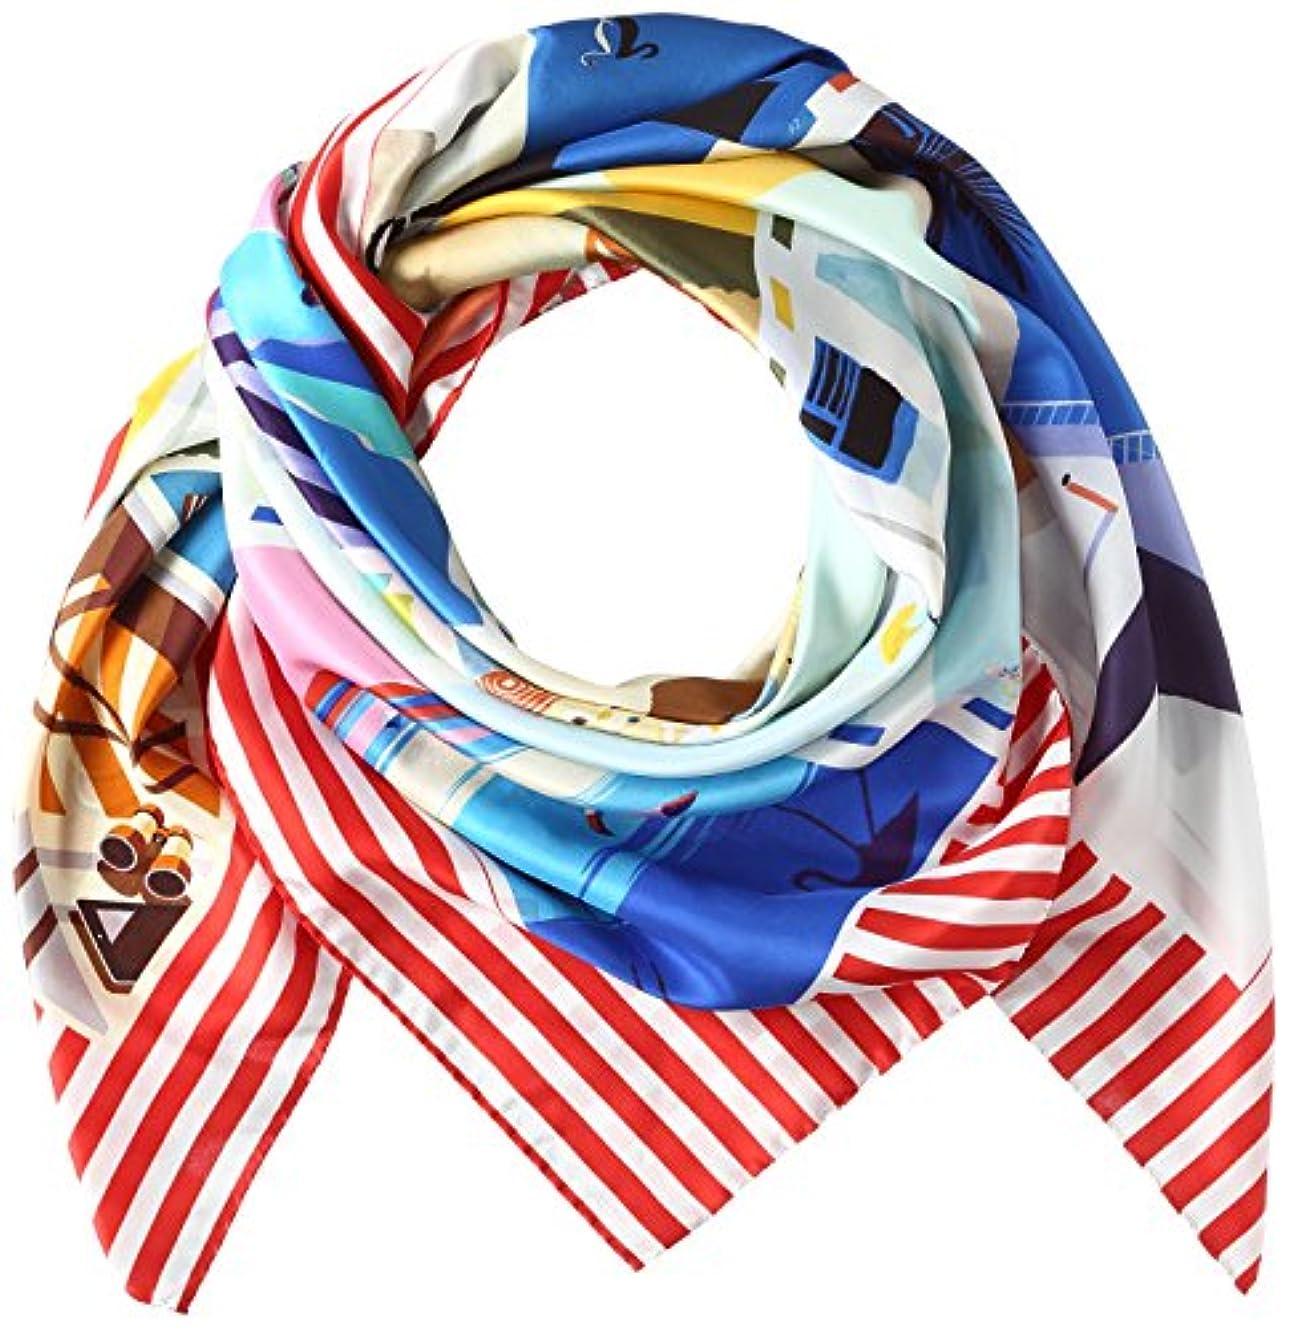 摂動振り向く意図的(アルテア)ALTEA(アルテア) スカーフ